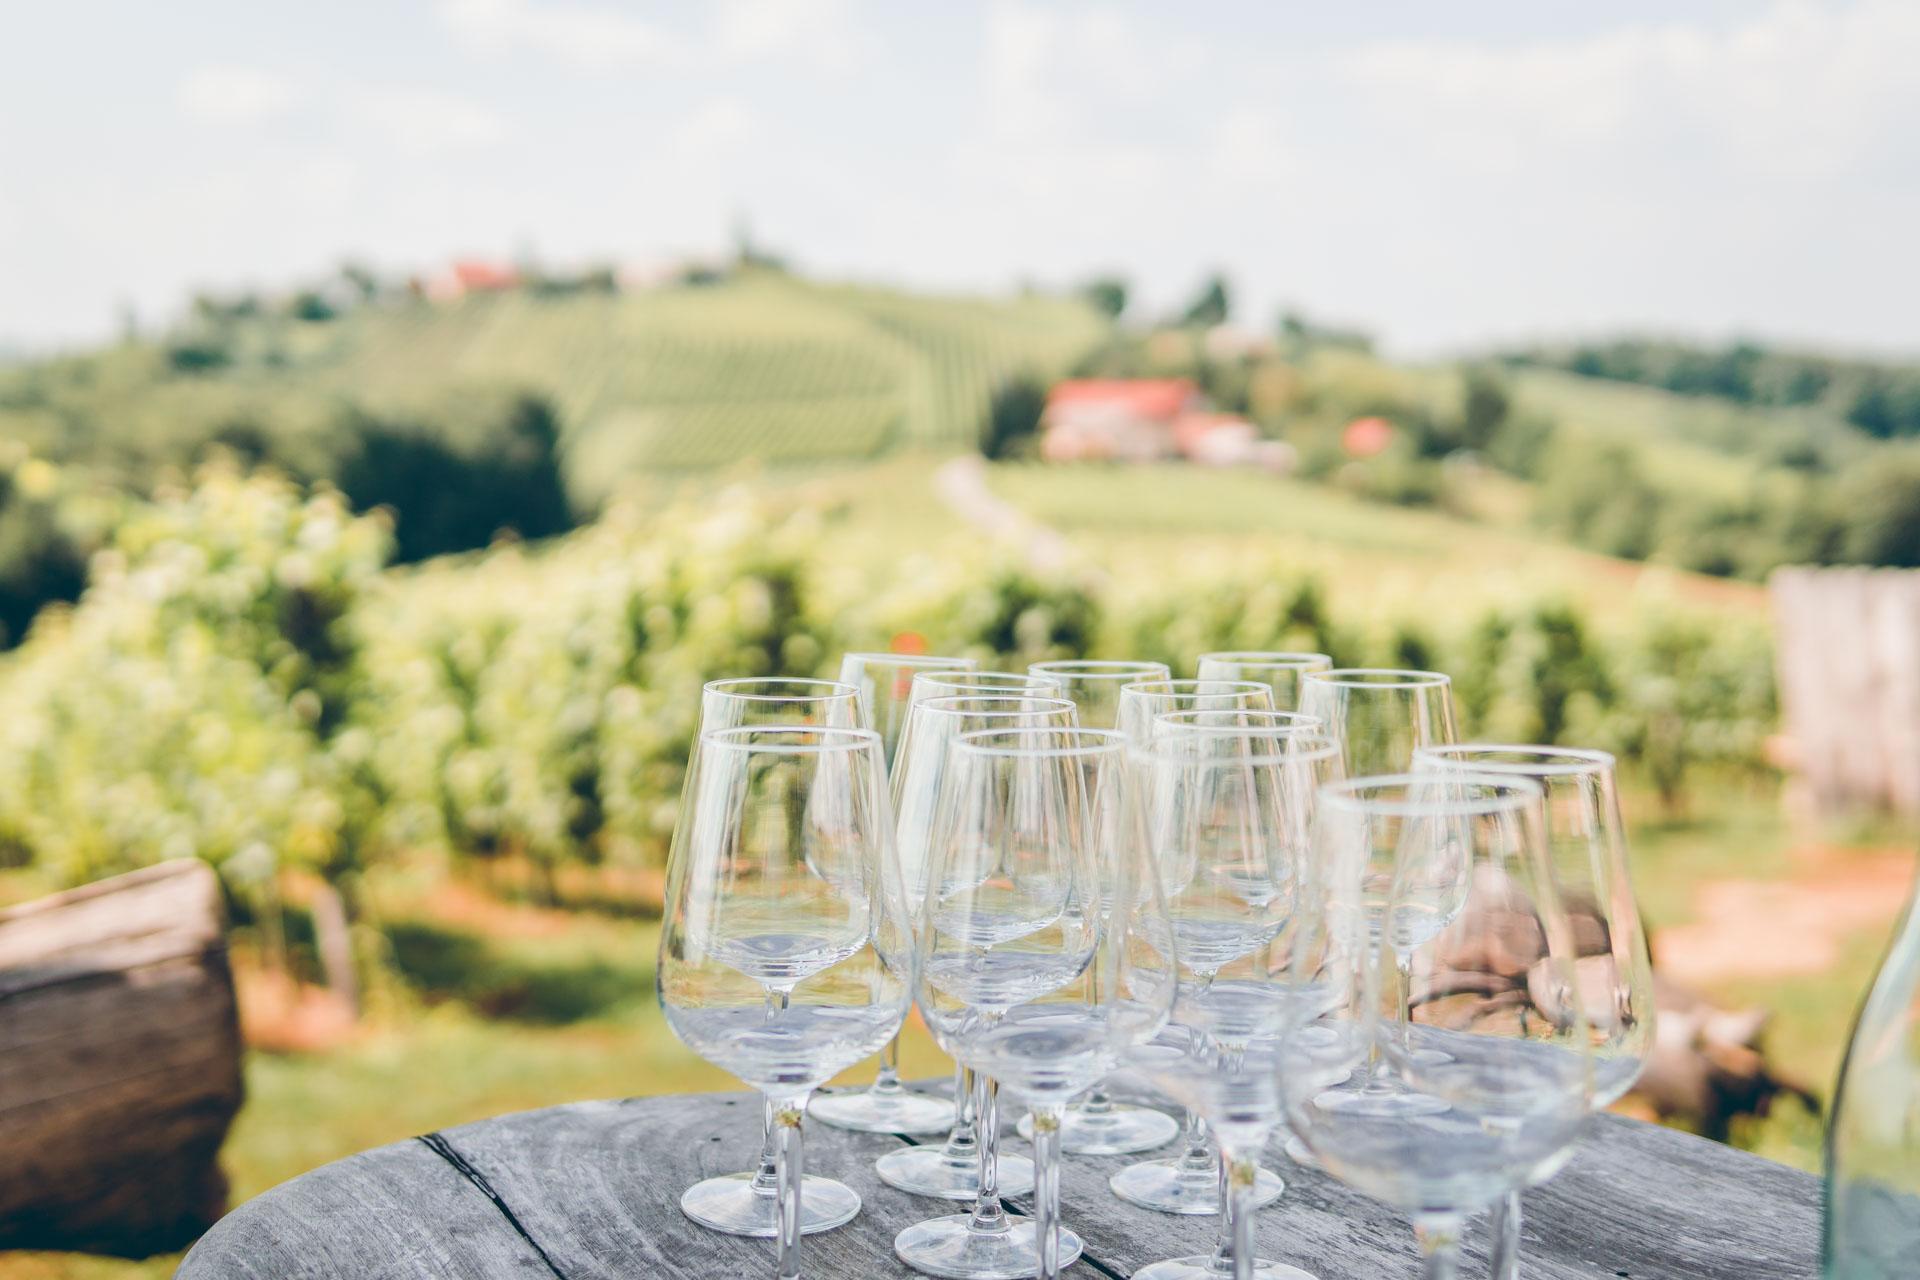 Detailaufnahme von Weingläsern vor den slowensichen Weinbergen